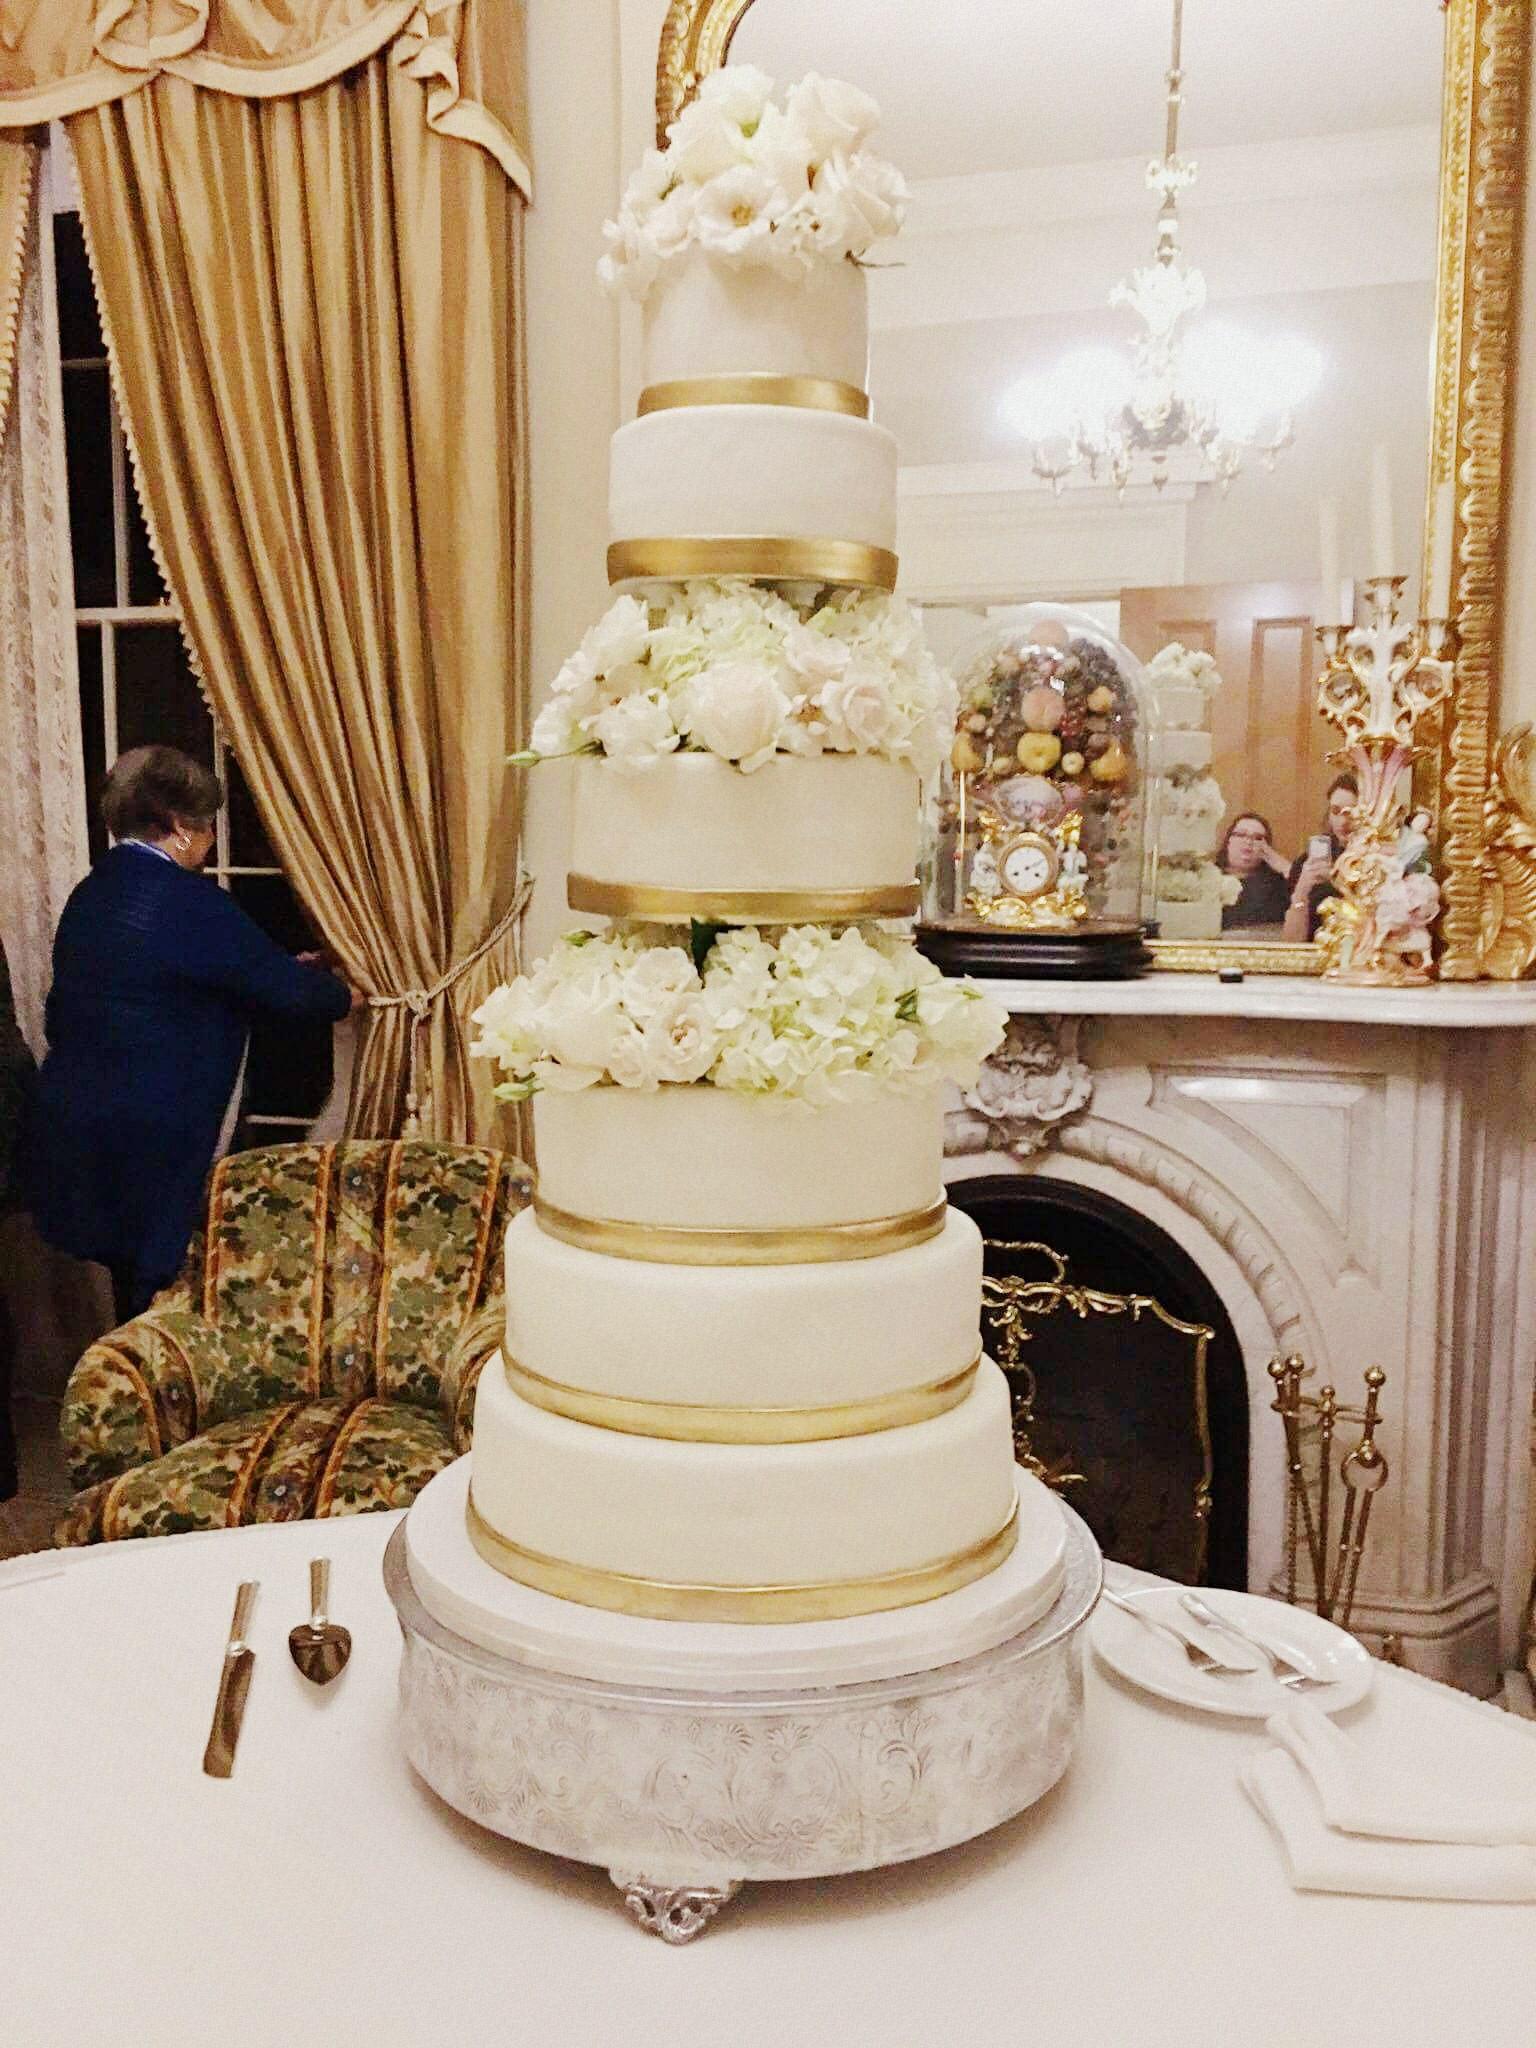 Gold Wedding Cakes  Gold & Flowers Wedding Cake Rose Bakes